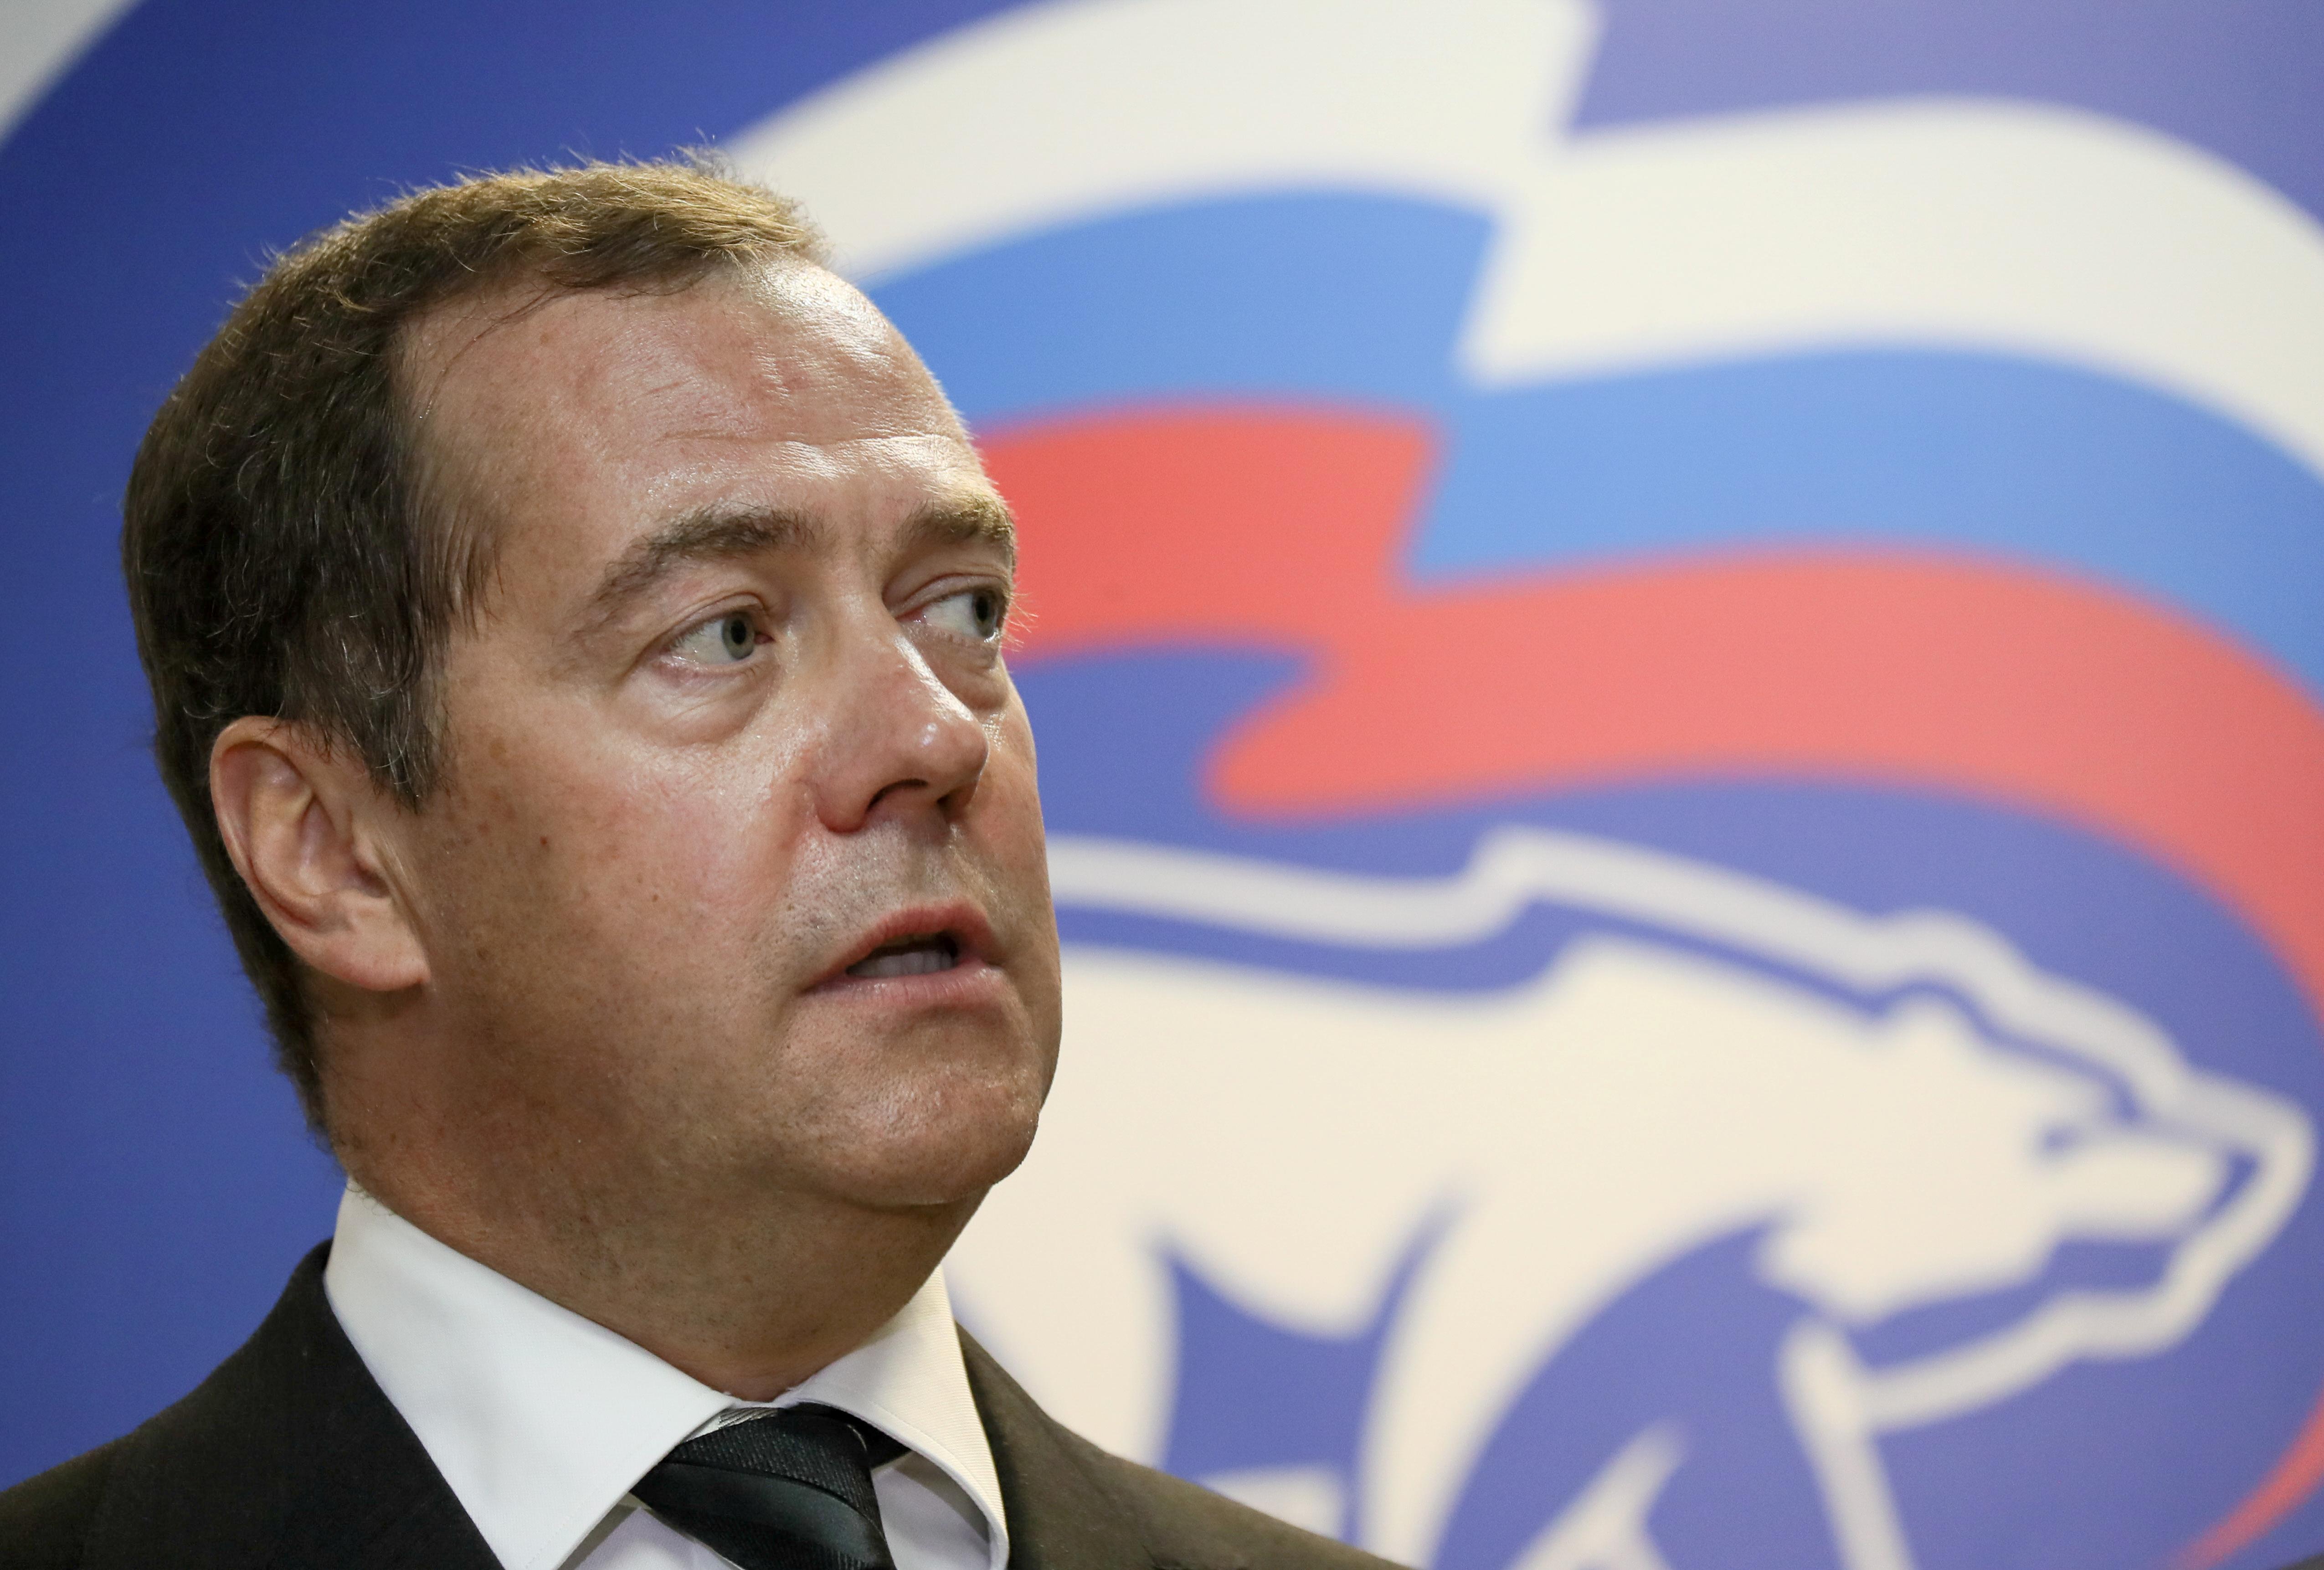 Ψάχνουν τρόπο να αποκαταστήσουν τις σχέσεις τους Ρωσία και ΕΕ